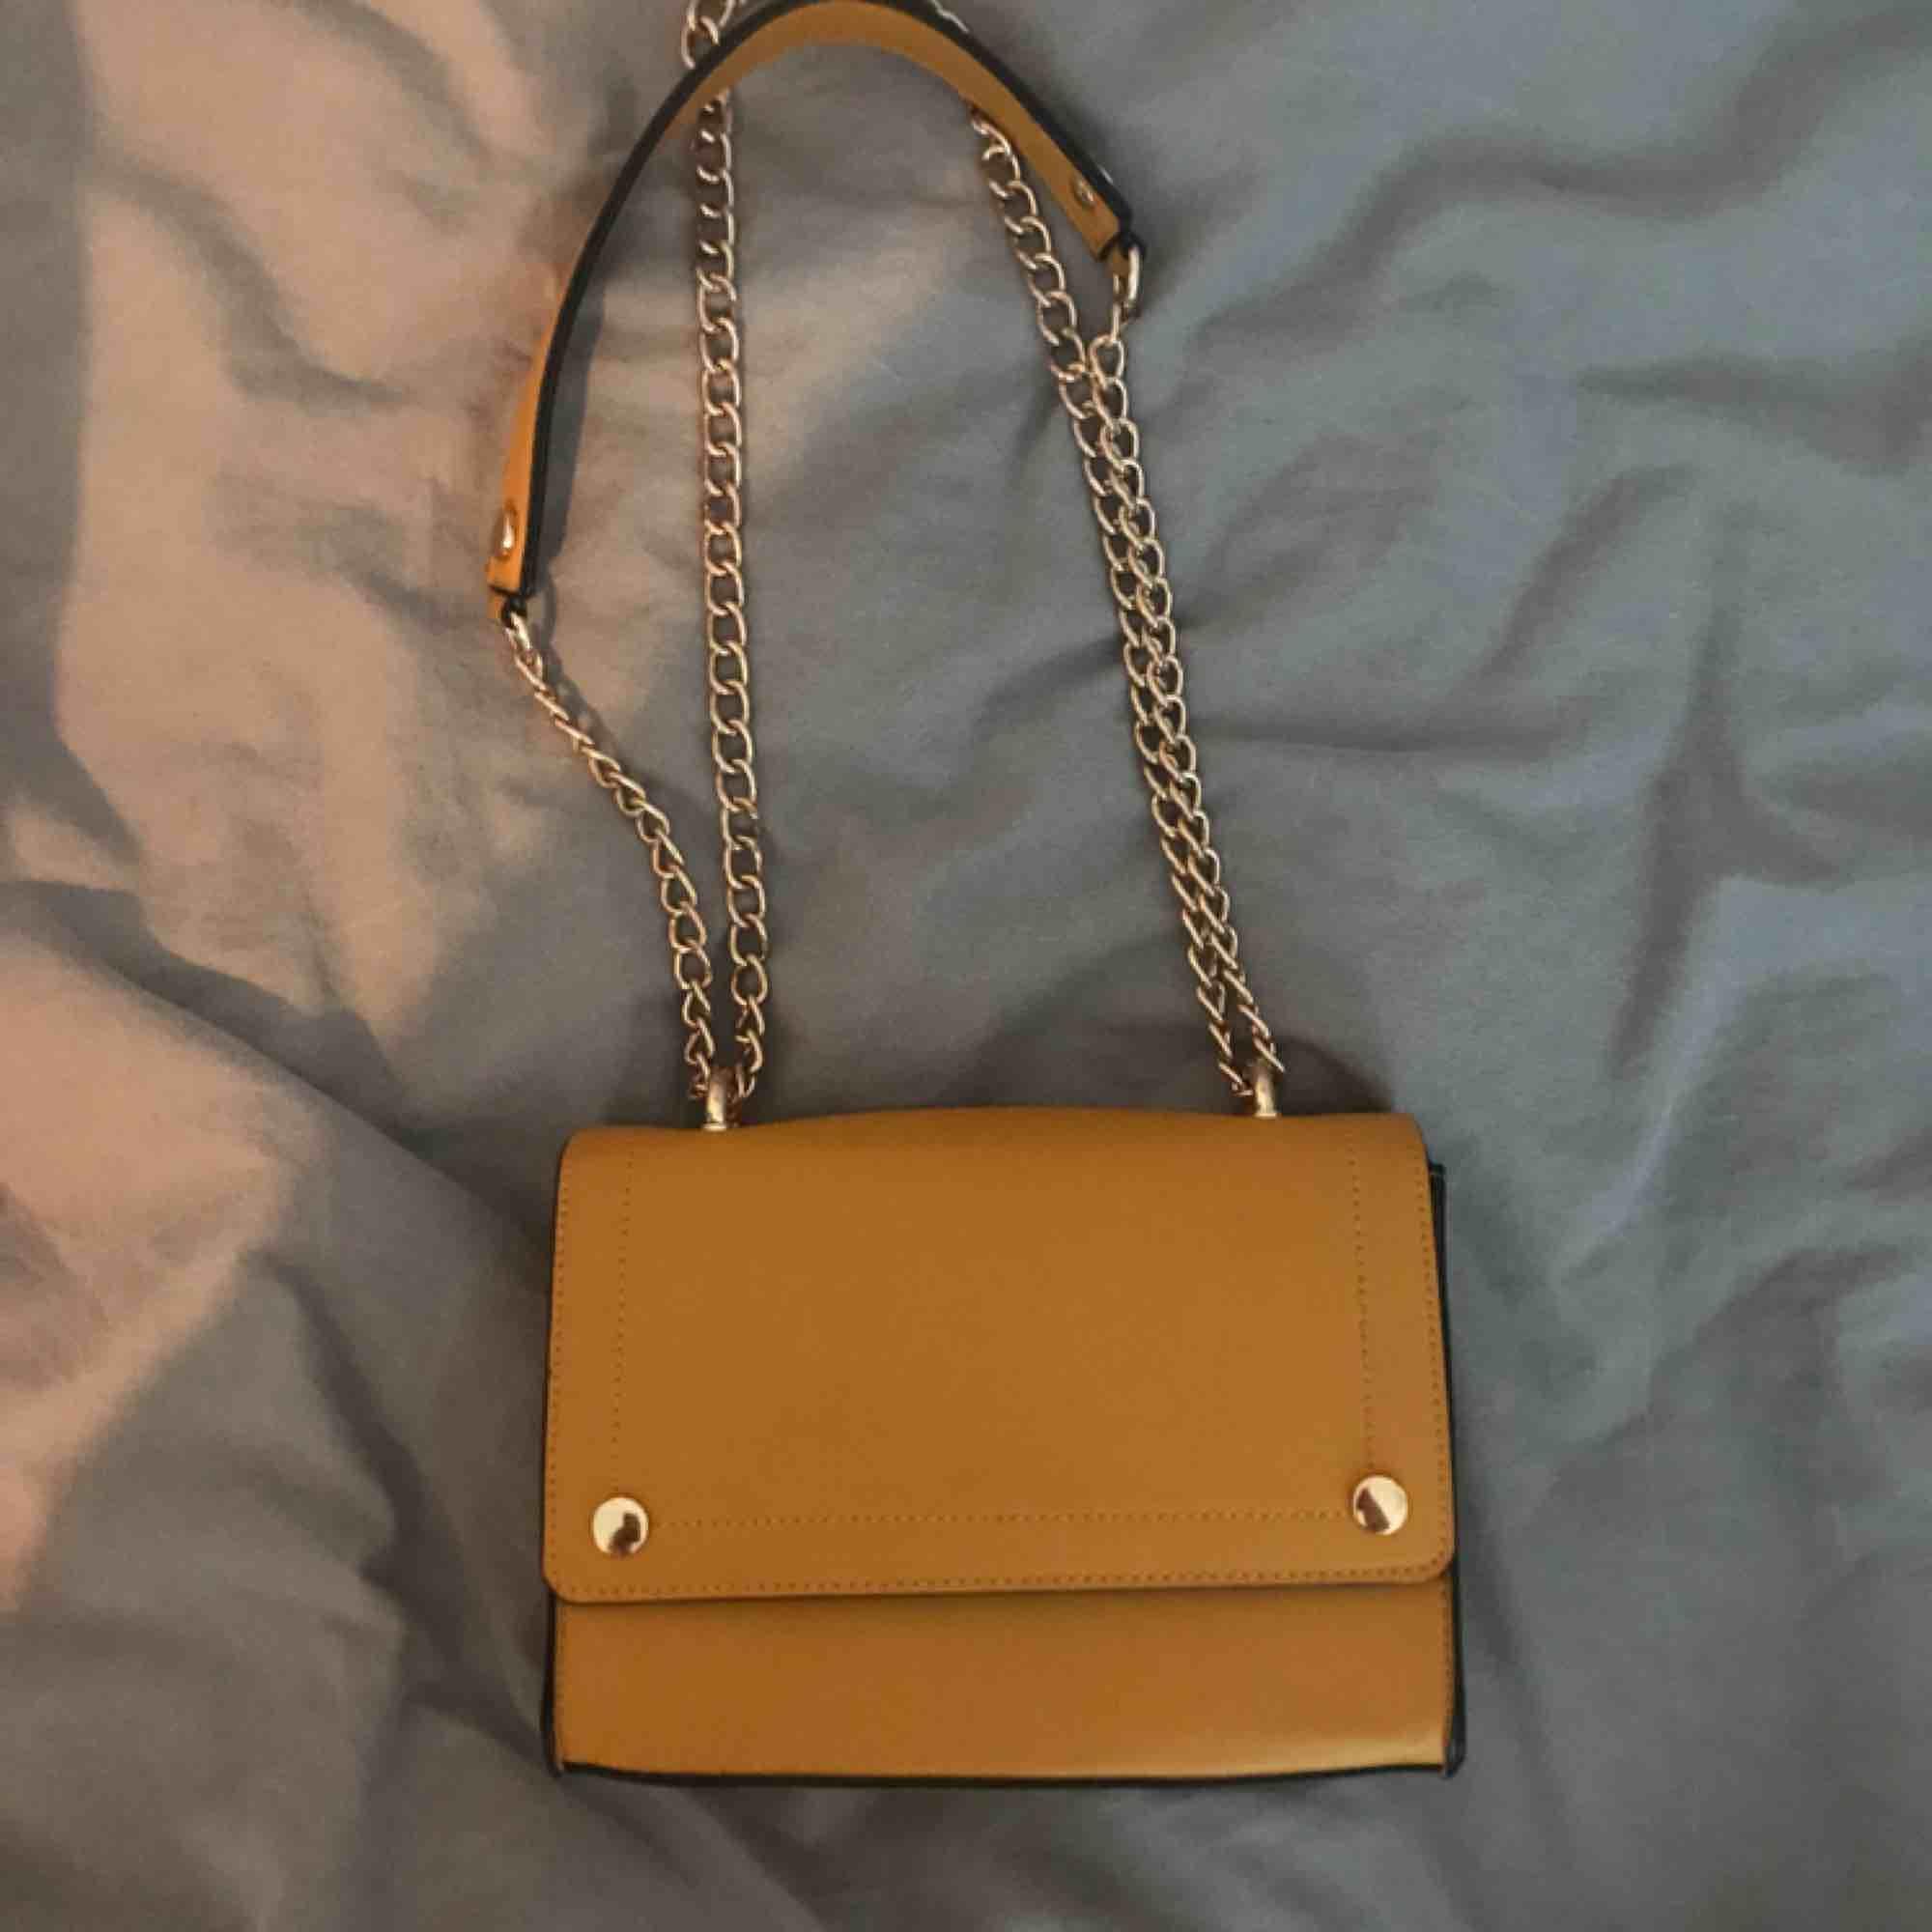 Jag säljer en gul väska från River Island. Den är i väldigt bra skick och är används endast några få gånger. Köparen står för frakten.. Väskor.